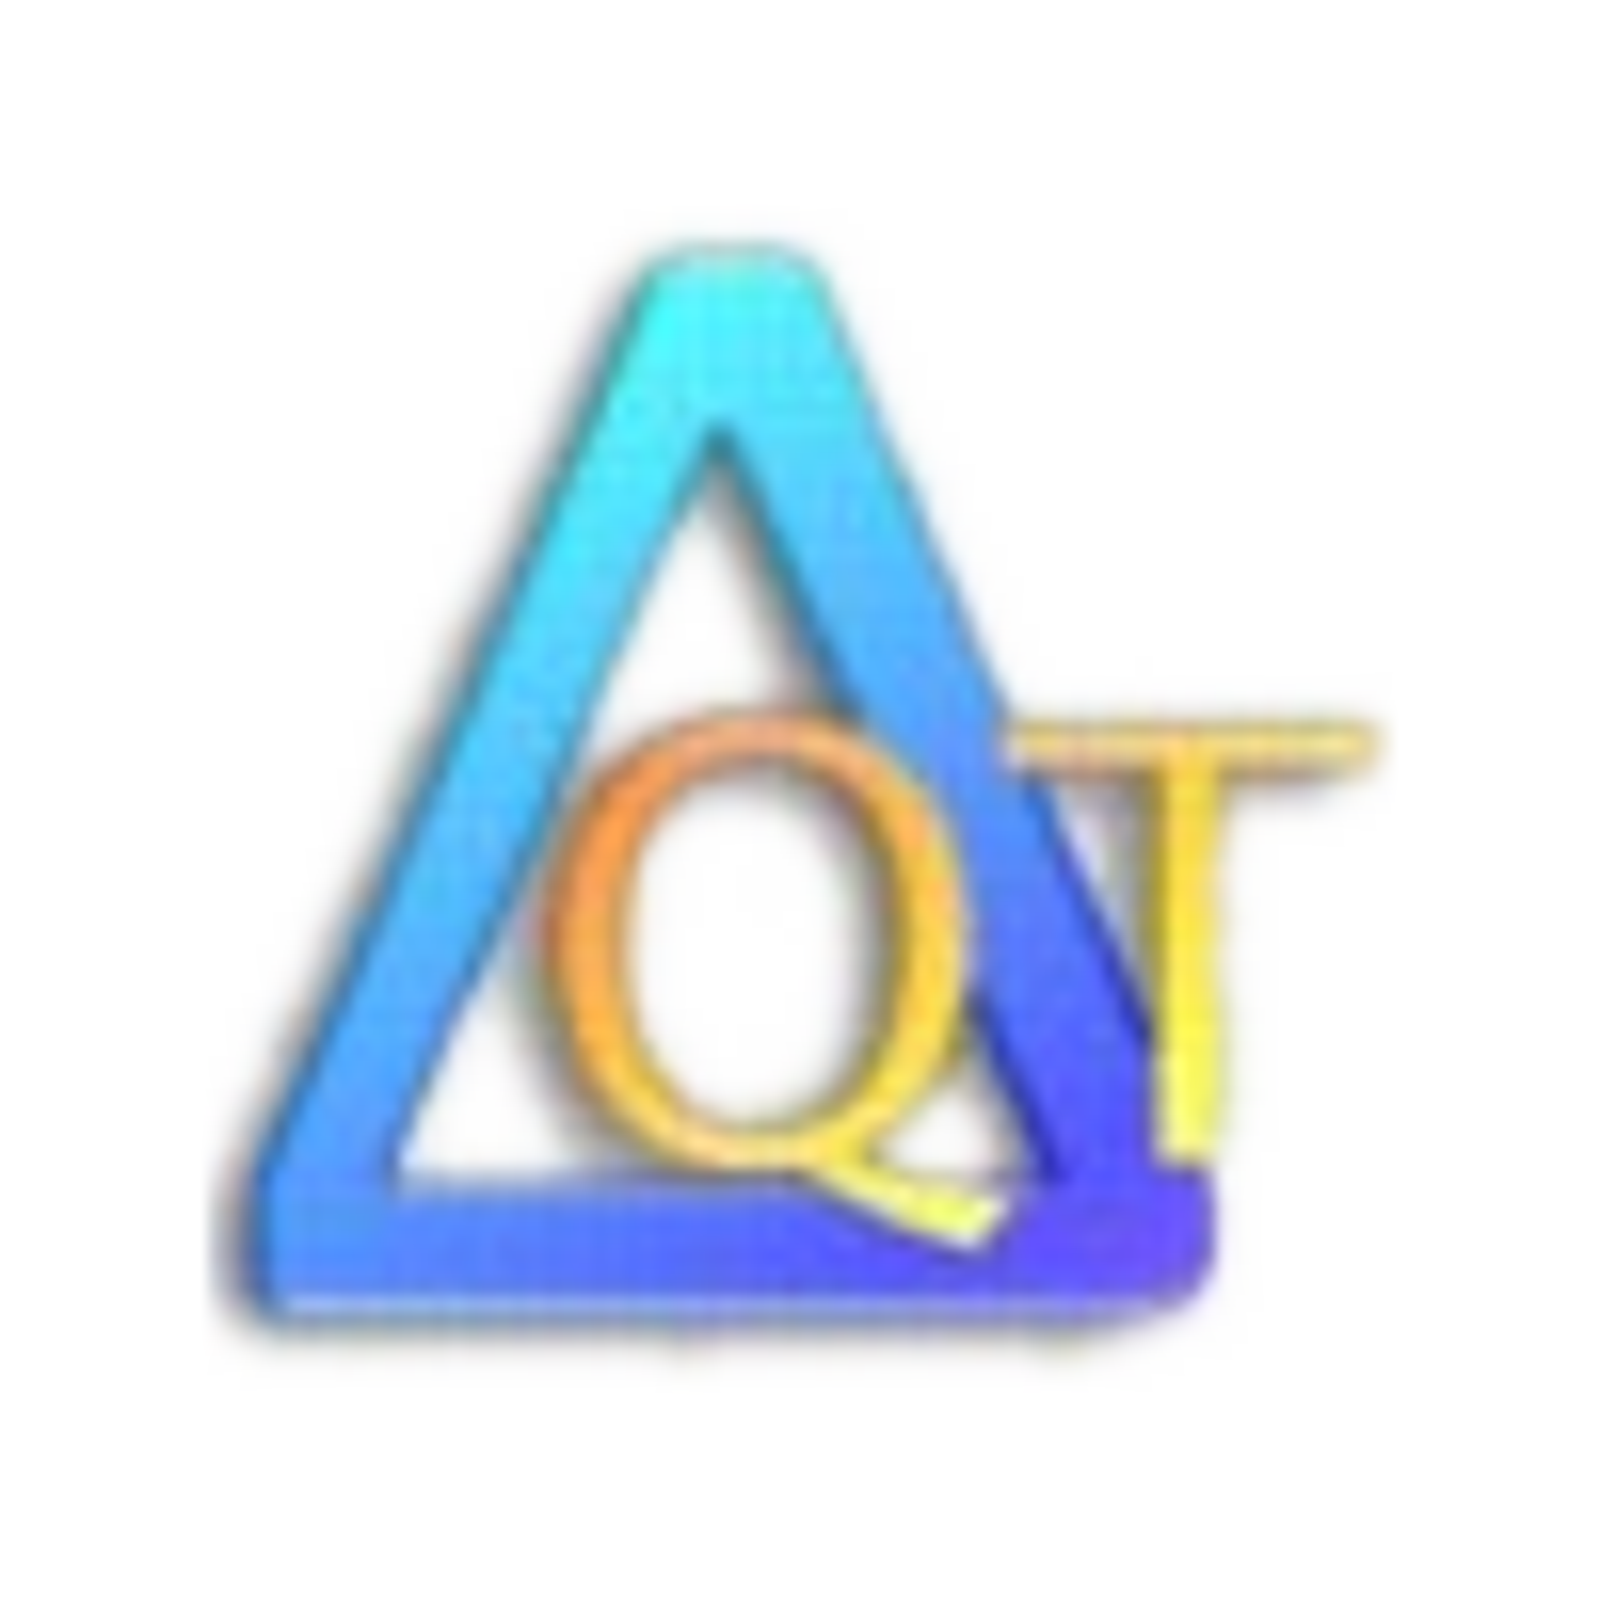 QT Sync